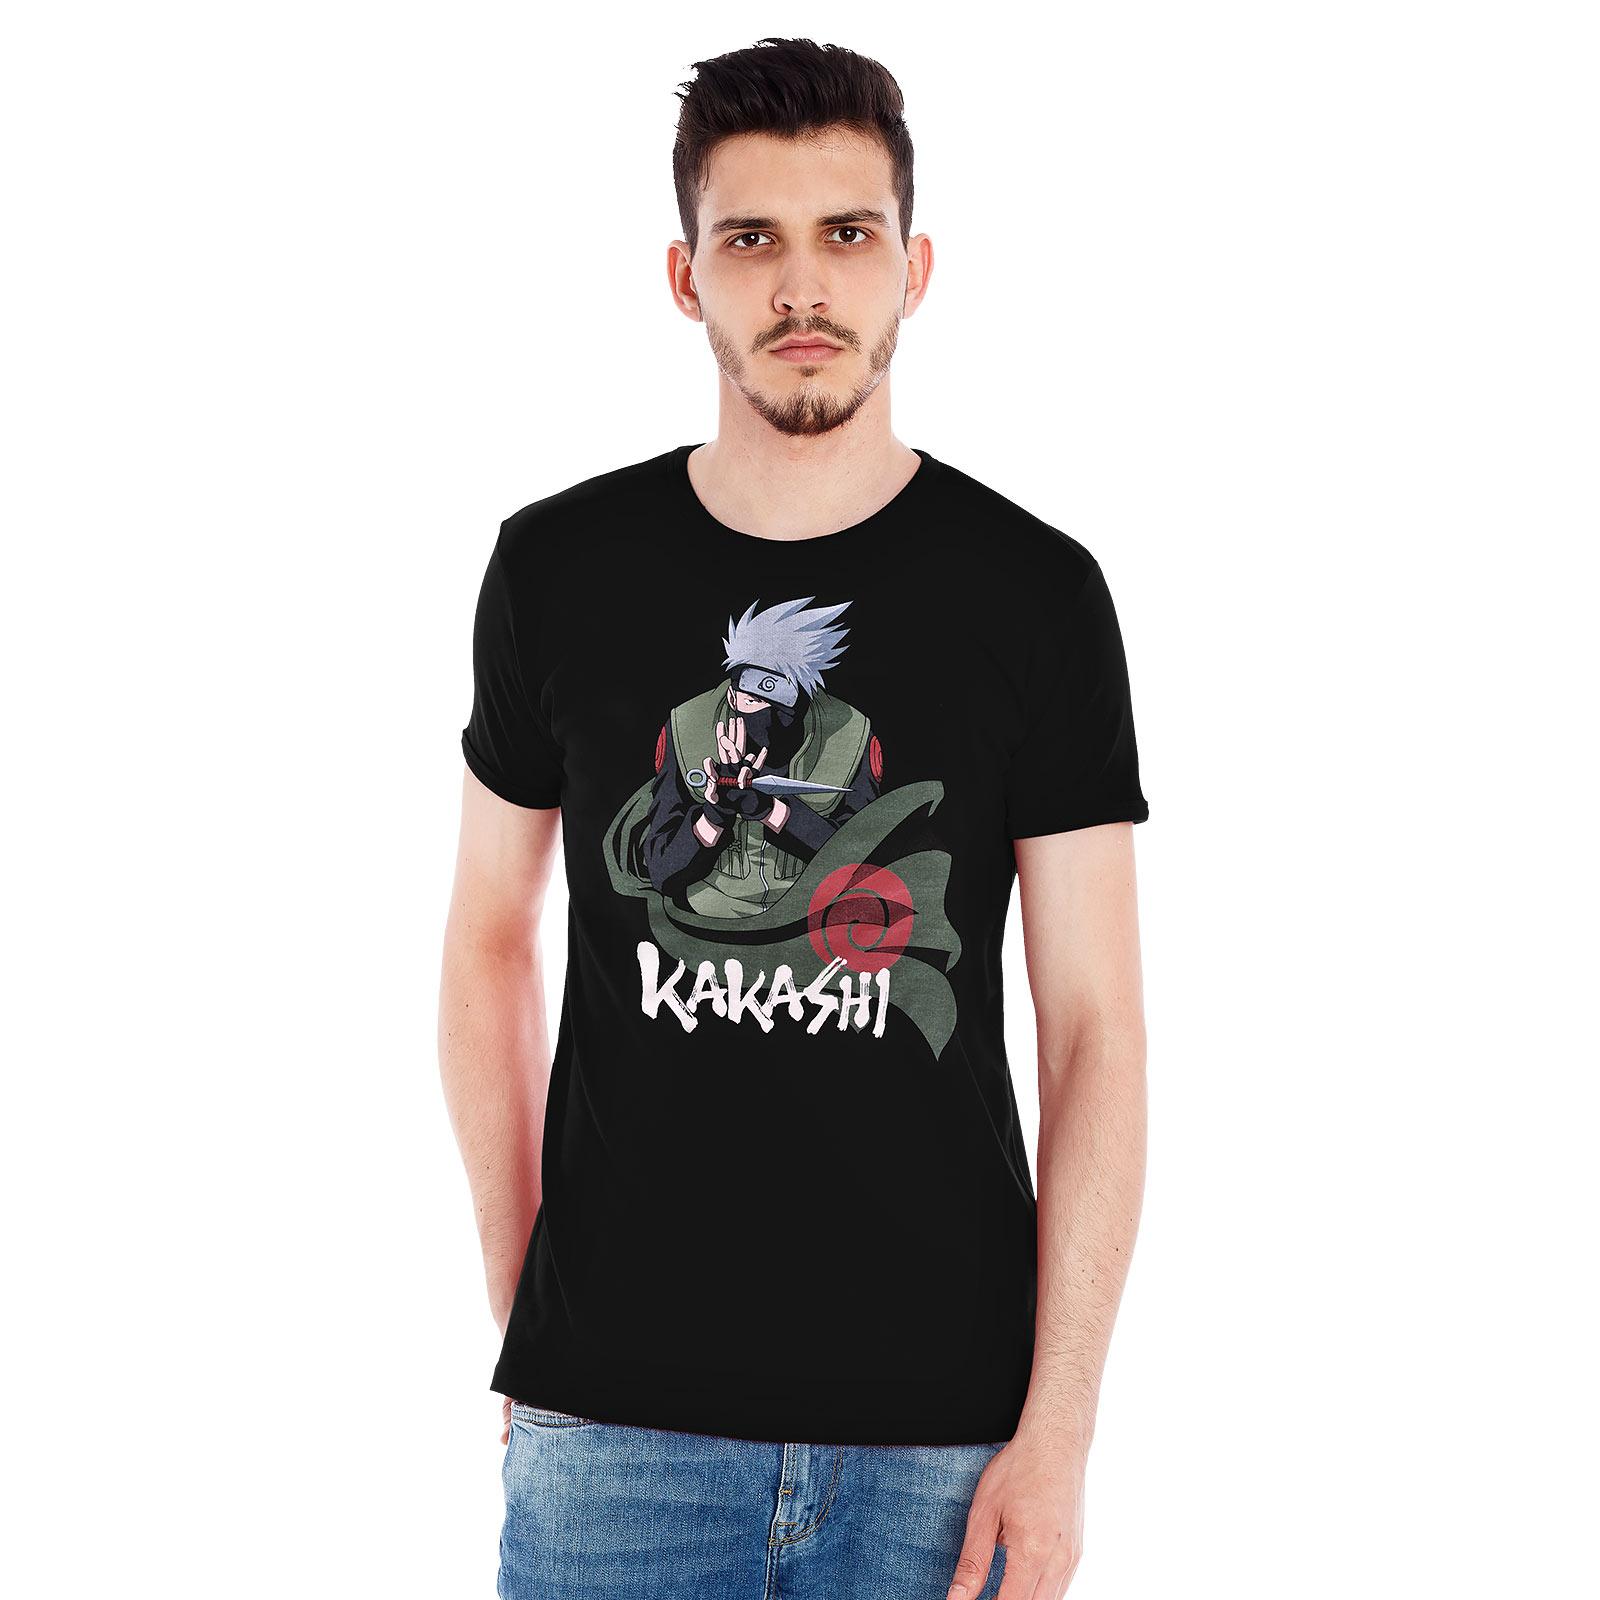 Naruto - Kakashi Knife T-Shirt schwarz